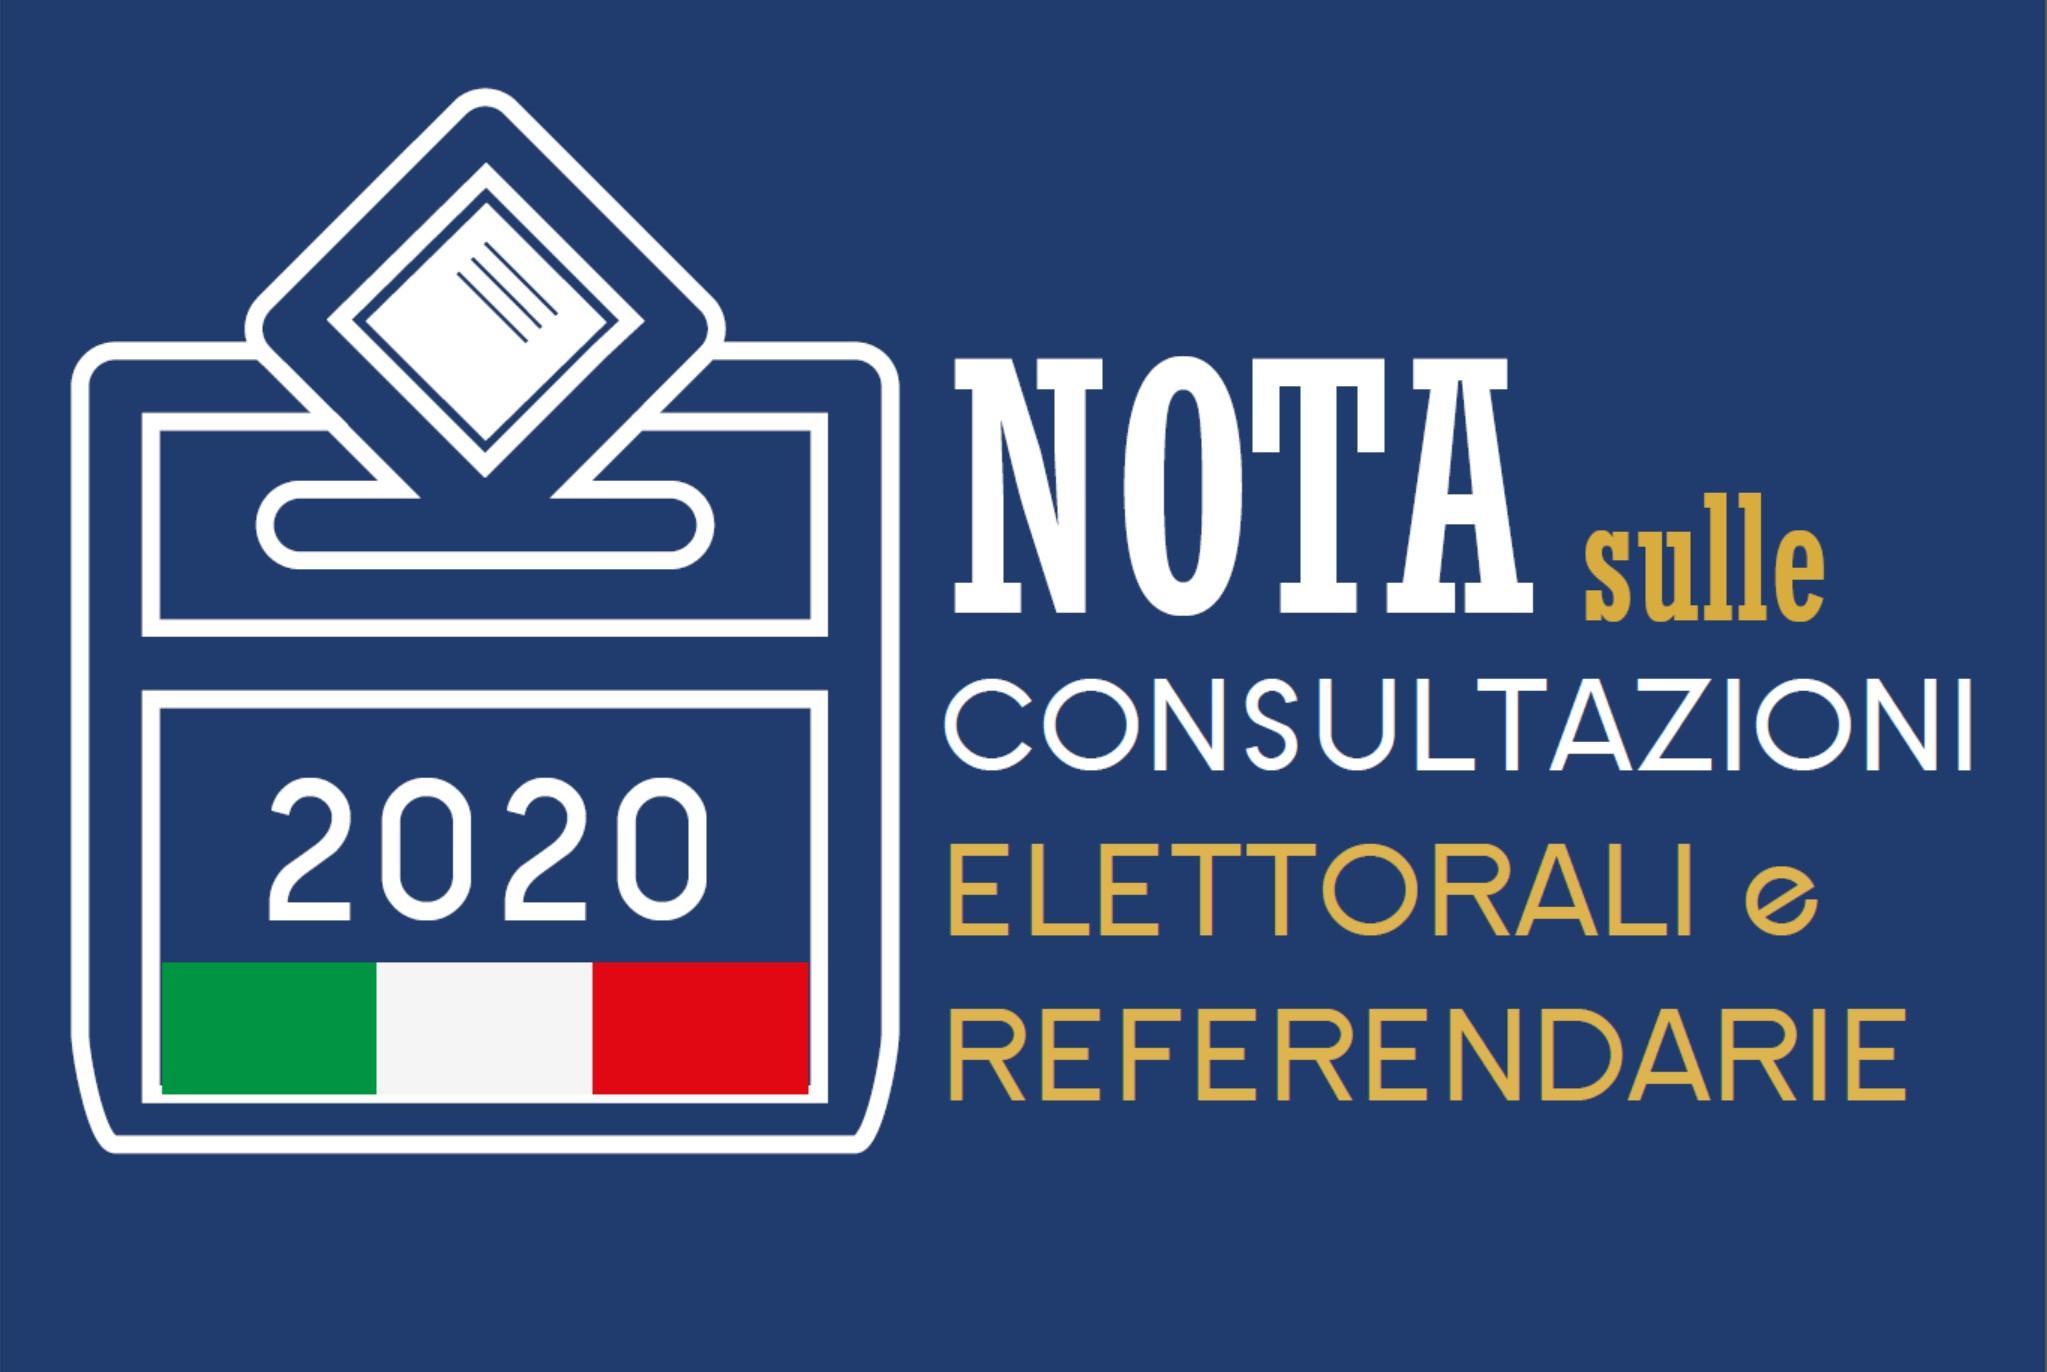 Nota in vista delle prossime consultazioni elettorali e referendarie